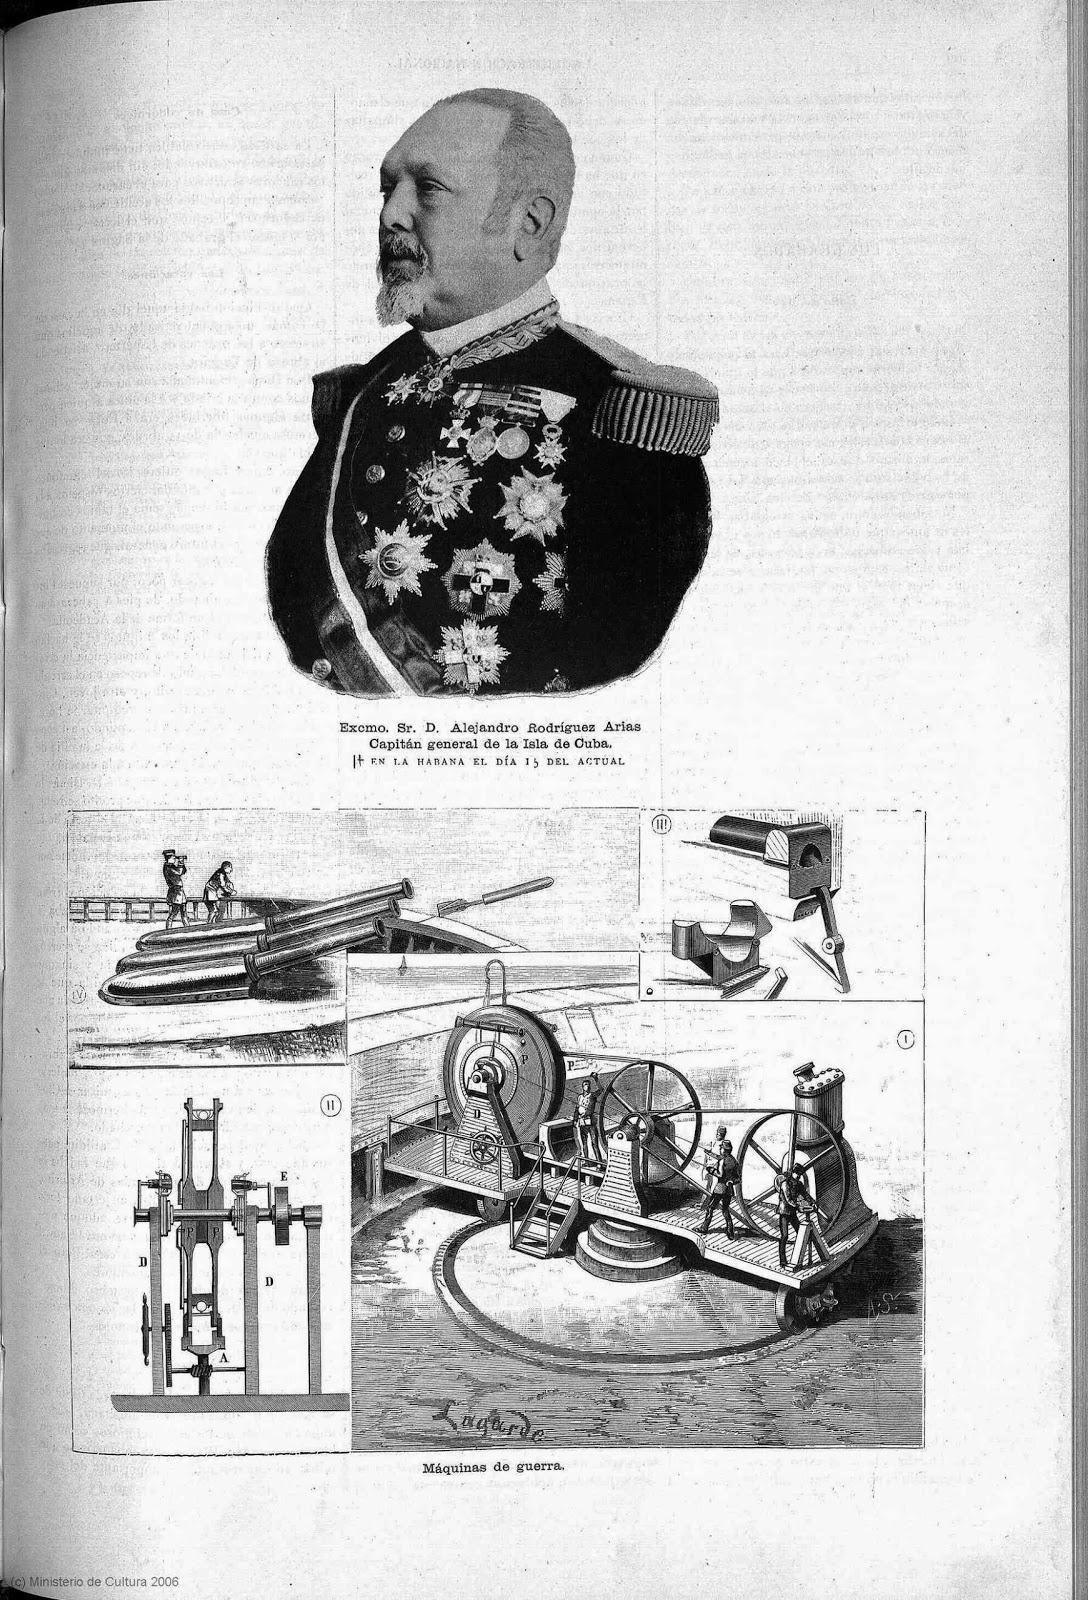 Las últimas invenciones militares en este recorte de prensa antiguo